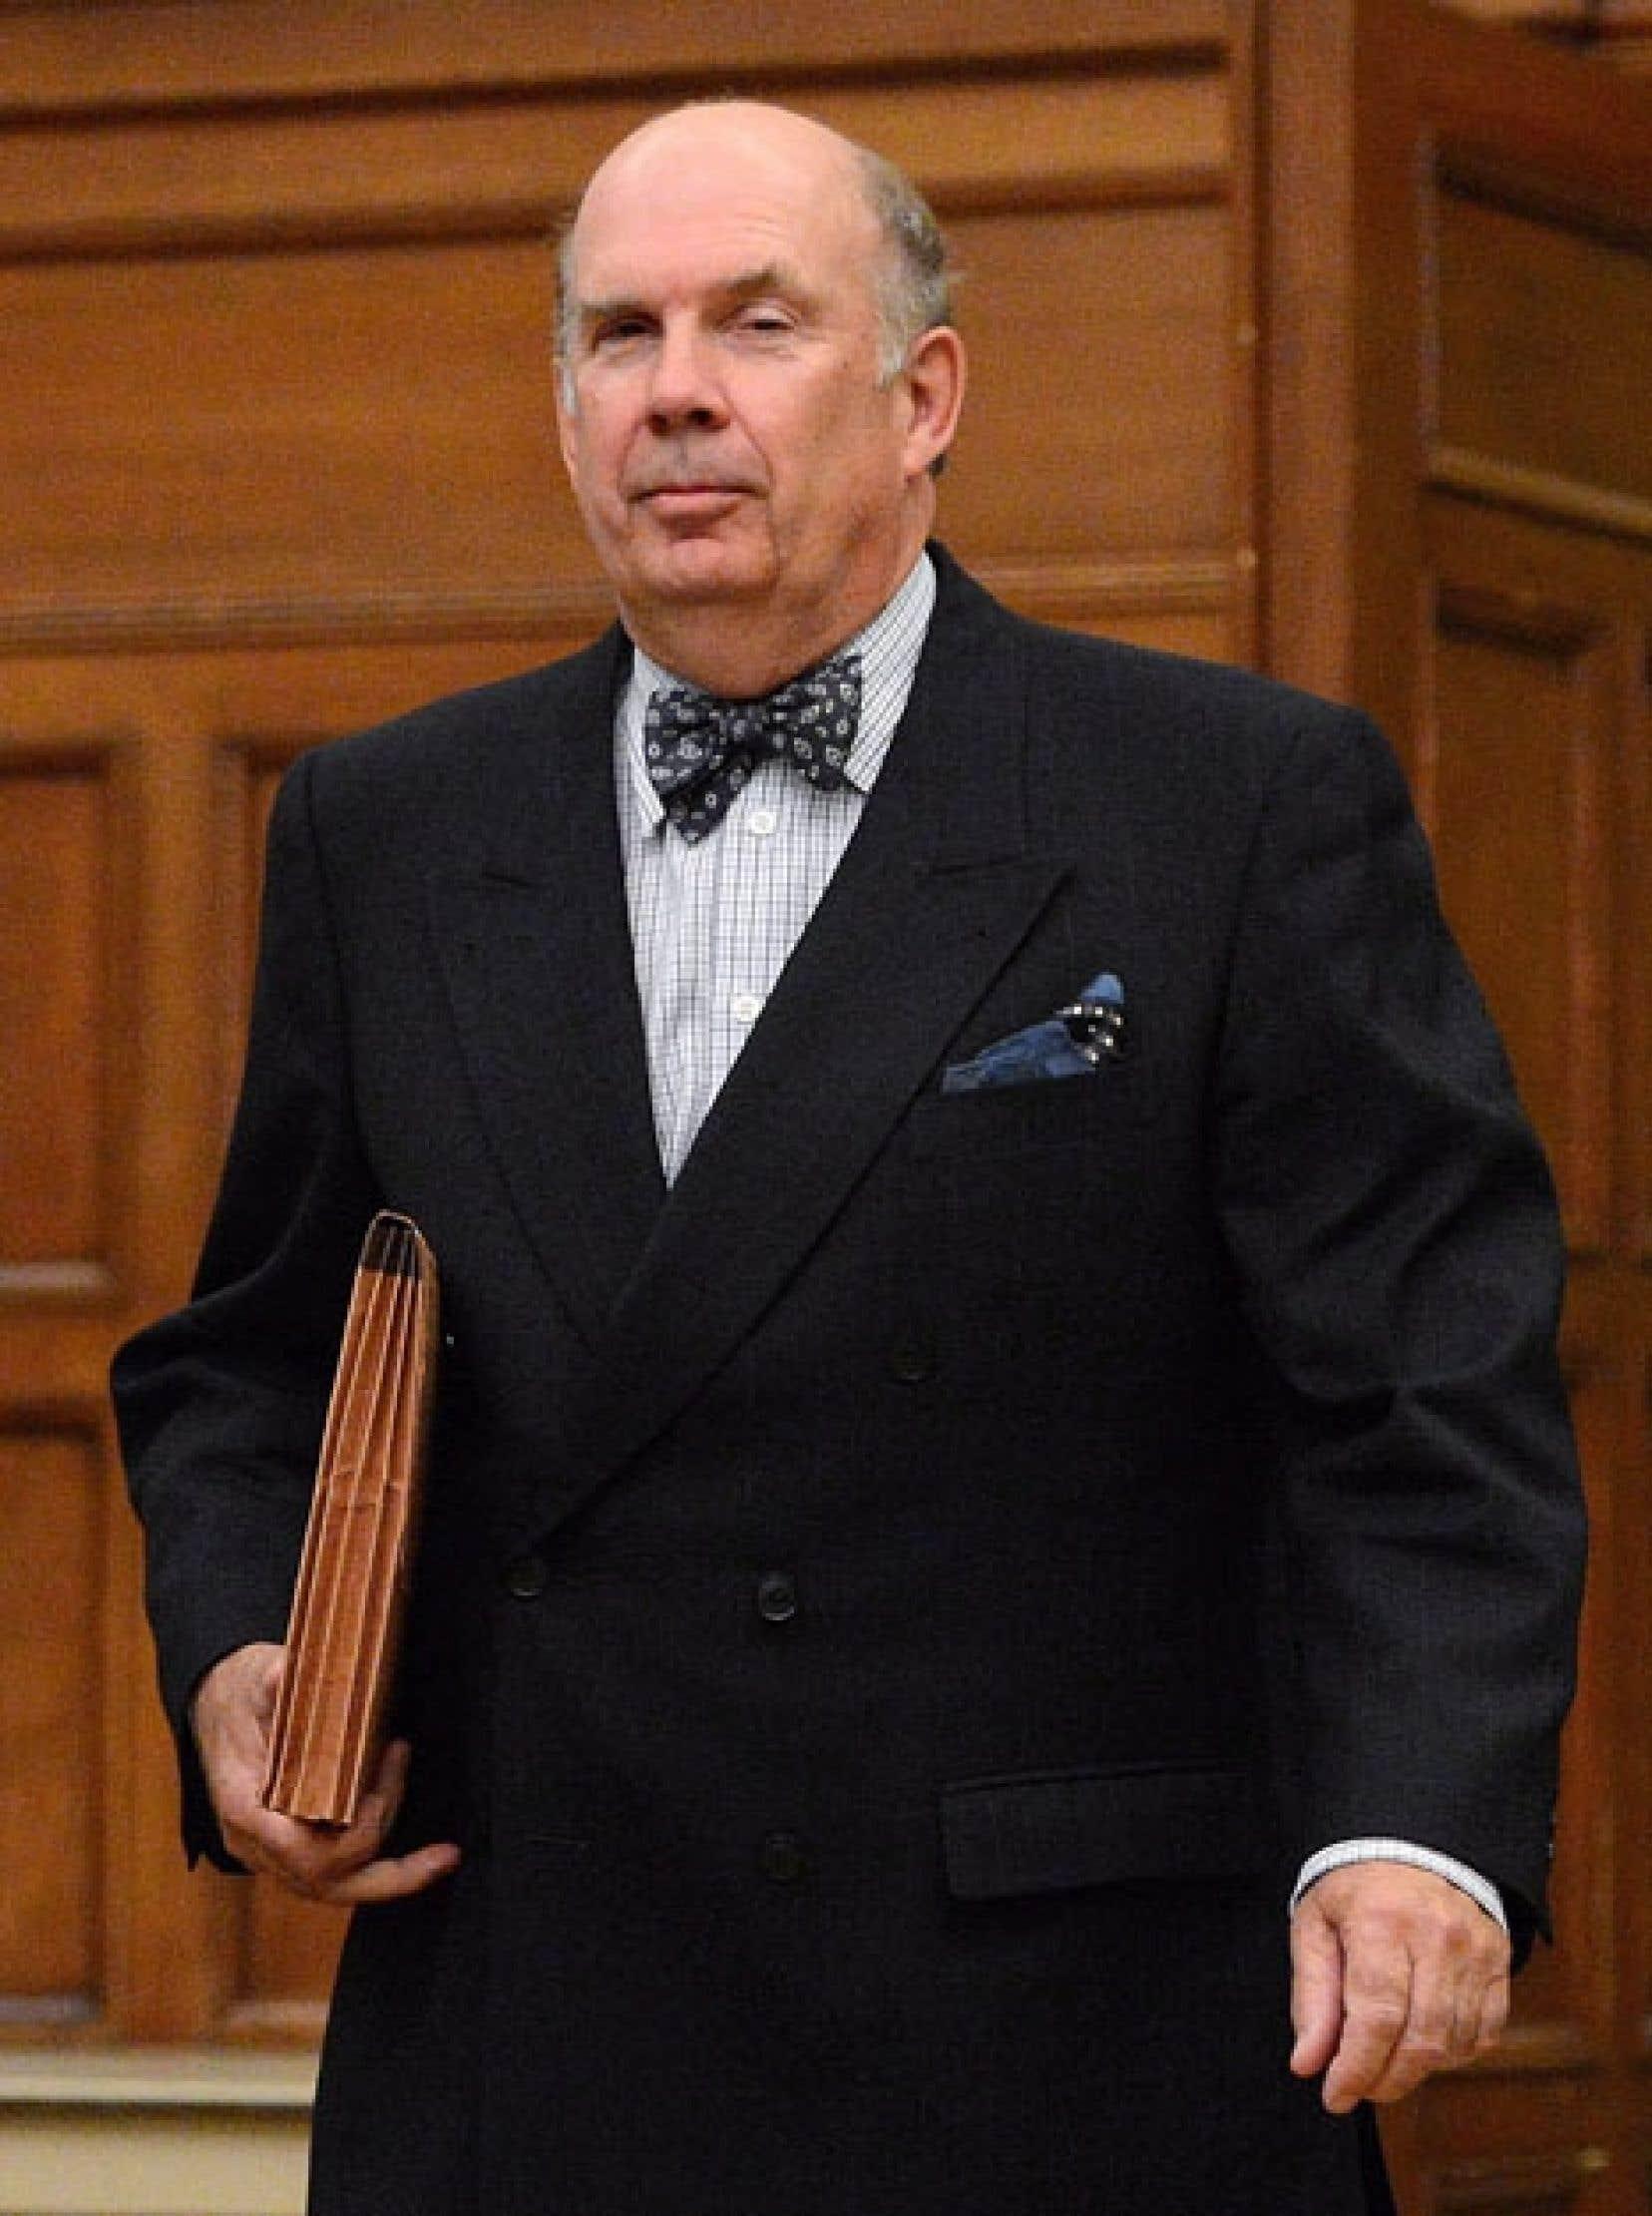 Le juge Marc Nadon à Ottawa, en octobre dernier, lorsque le premier ministre Stephen Harper l'avait nommé à la Cour suprême du Canada.